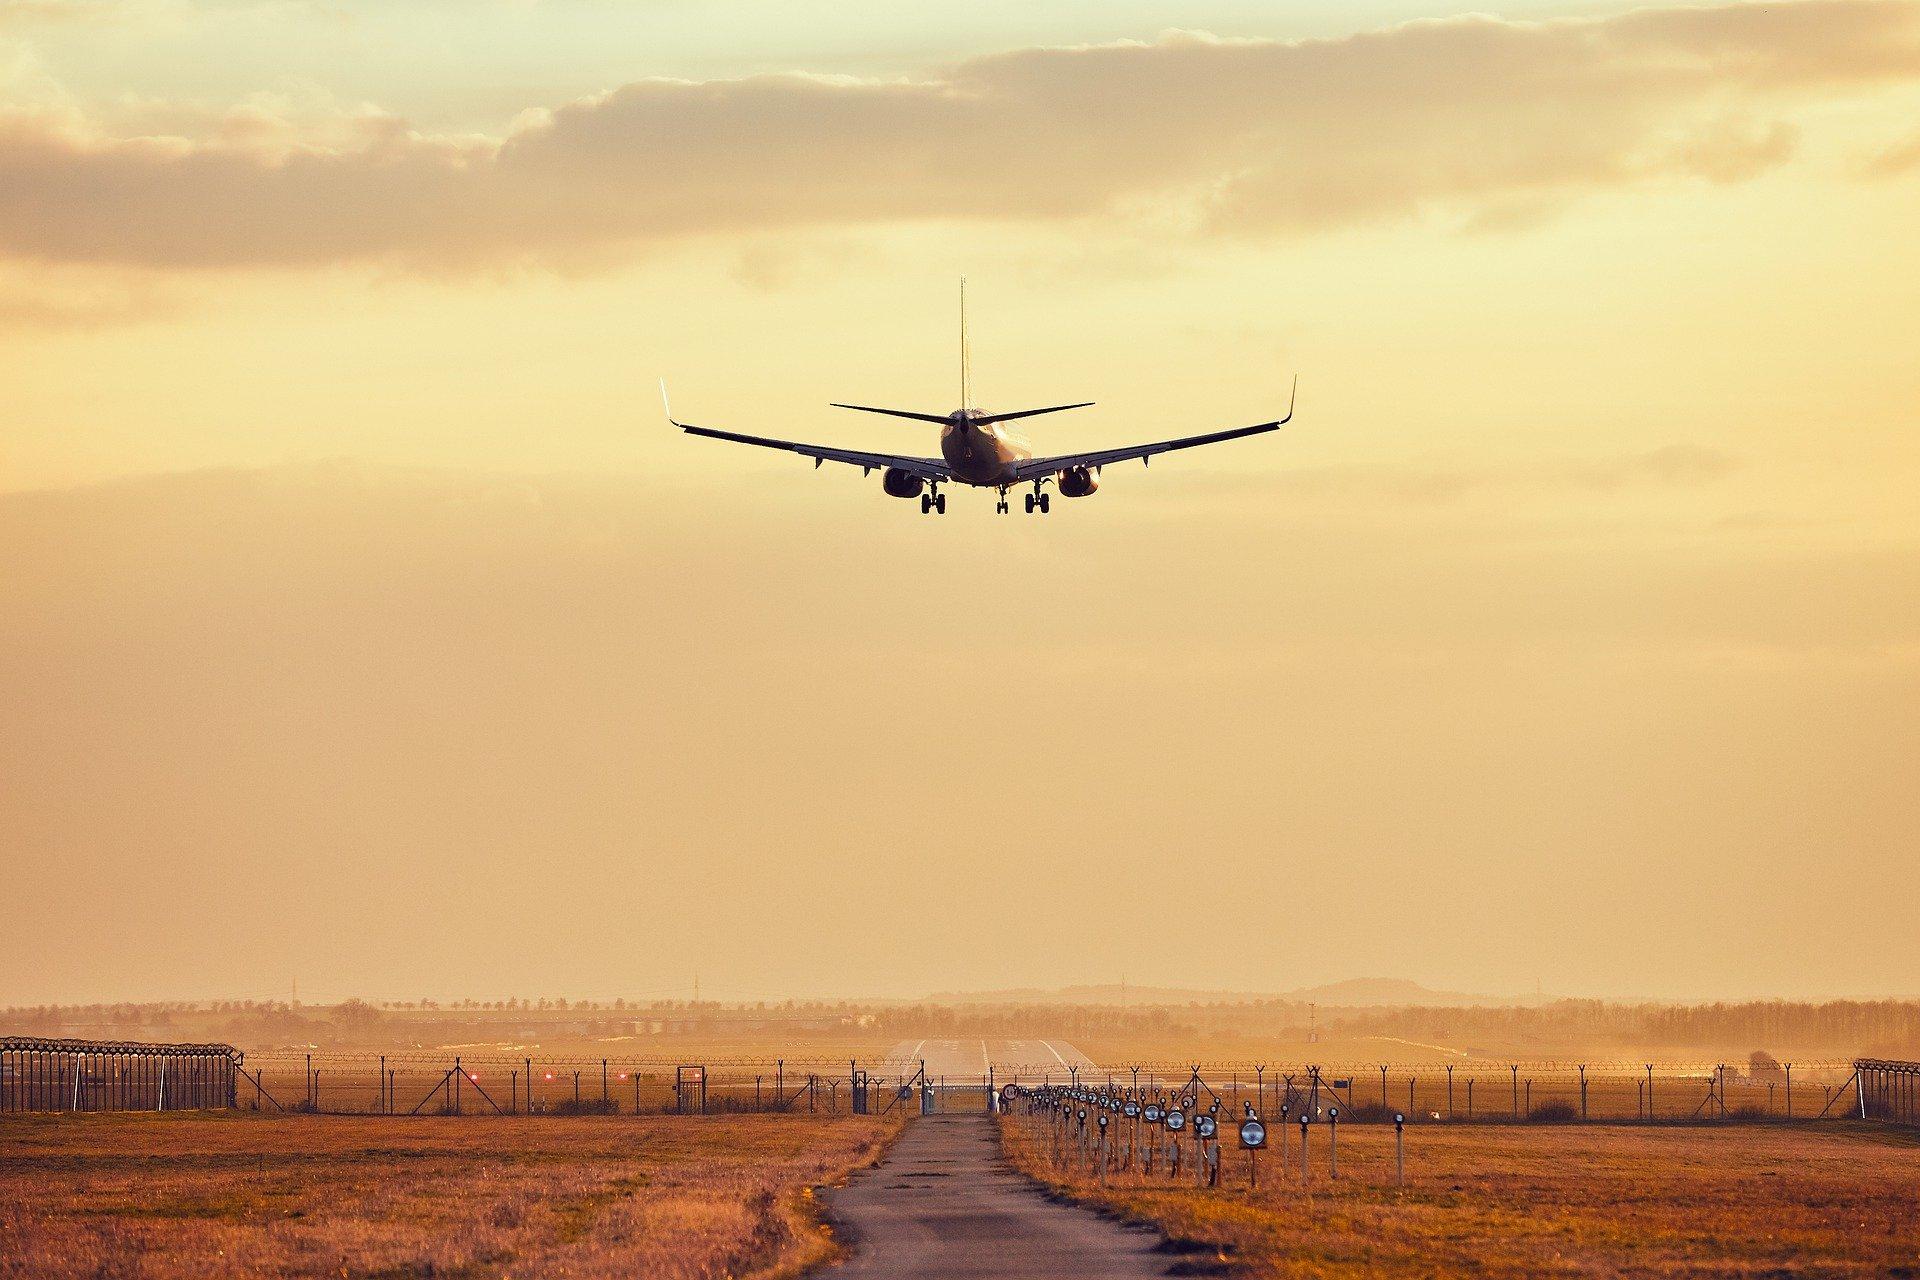 بحث فكرة إنشاء مطار جديد بالرياض